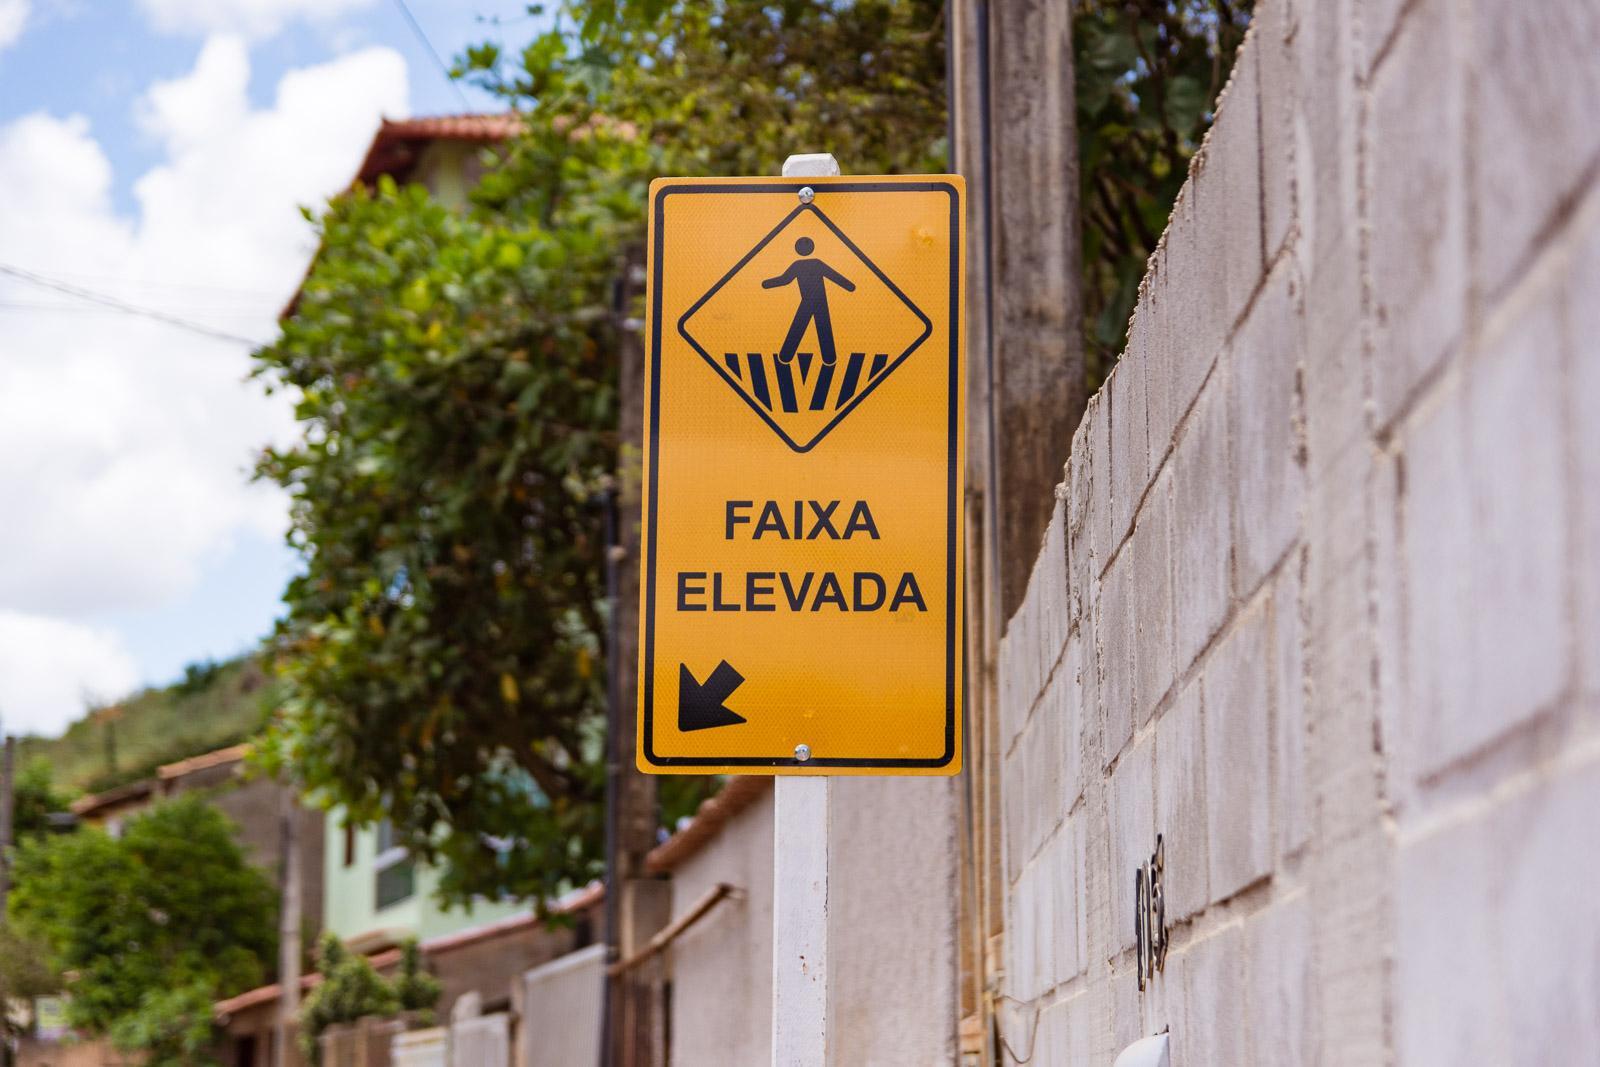 Atendendo à solicitação de moradores, faixas elevadas de Santa Terezinha recebem manutenção